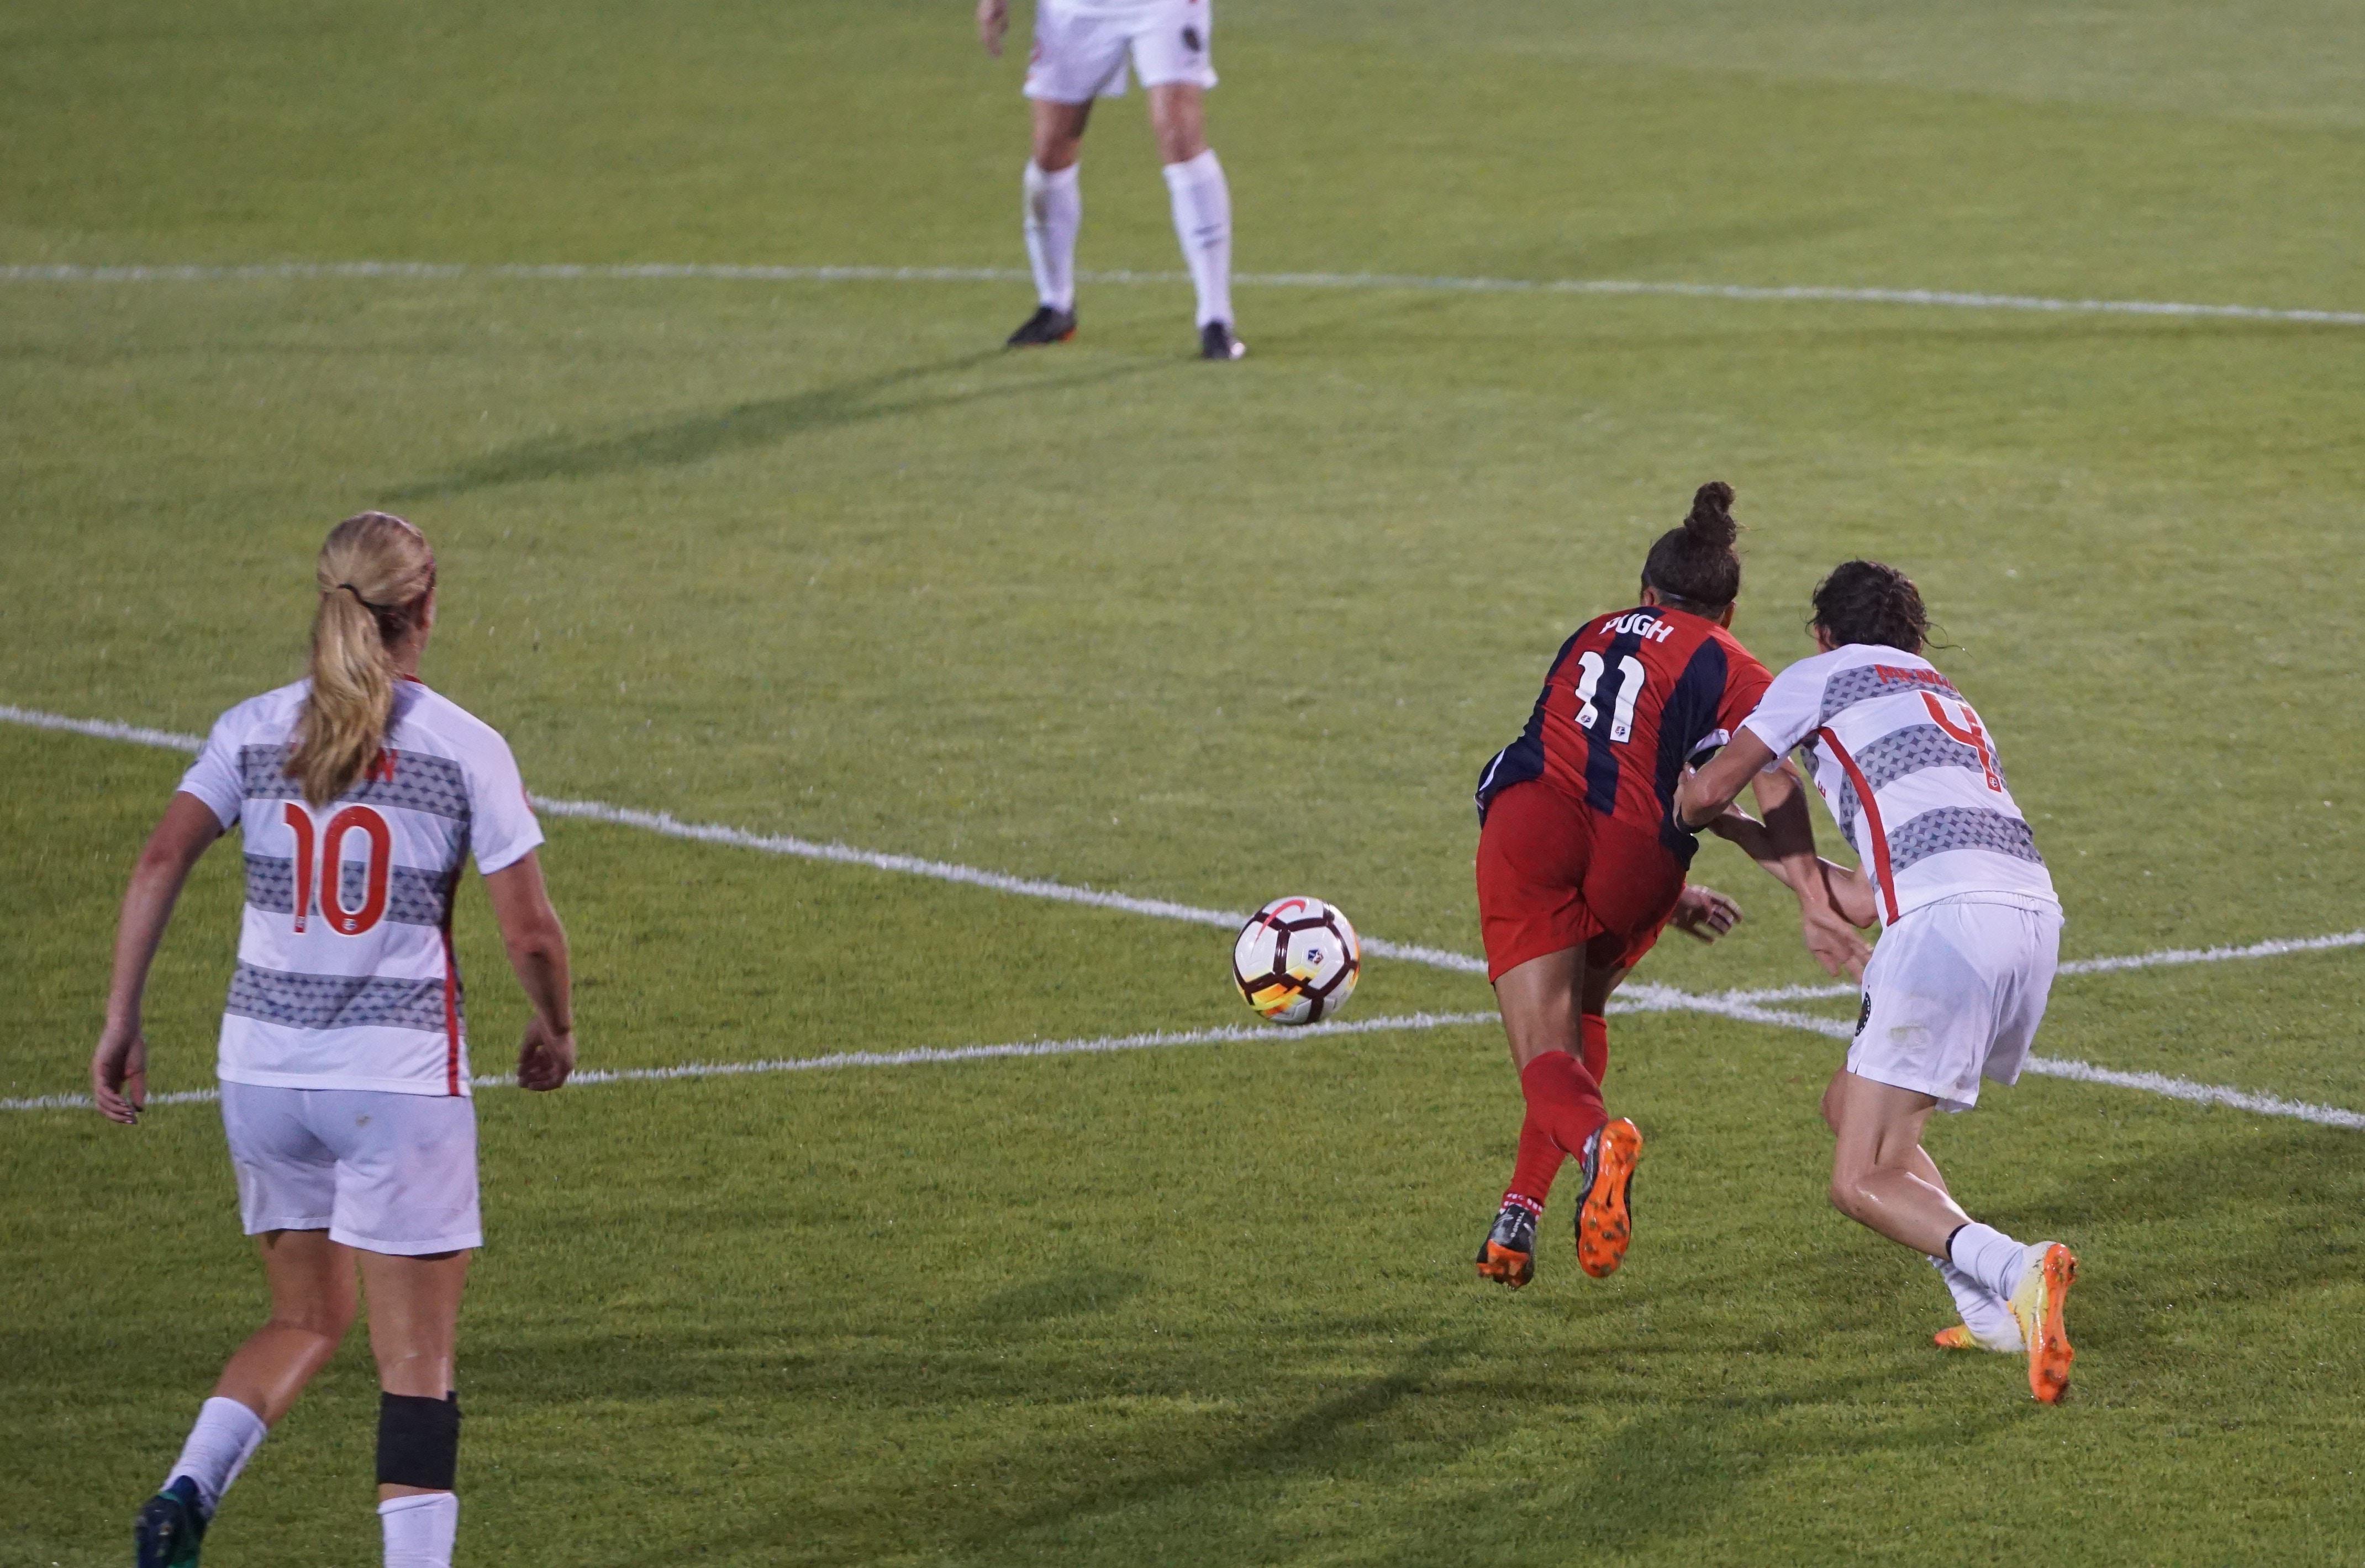 Warum du dem Frauenfussball mehr Beachtung schenken solltest